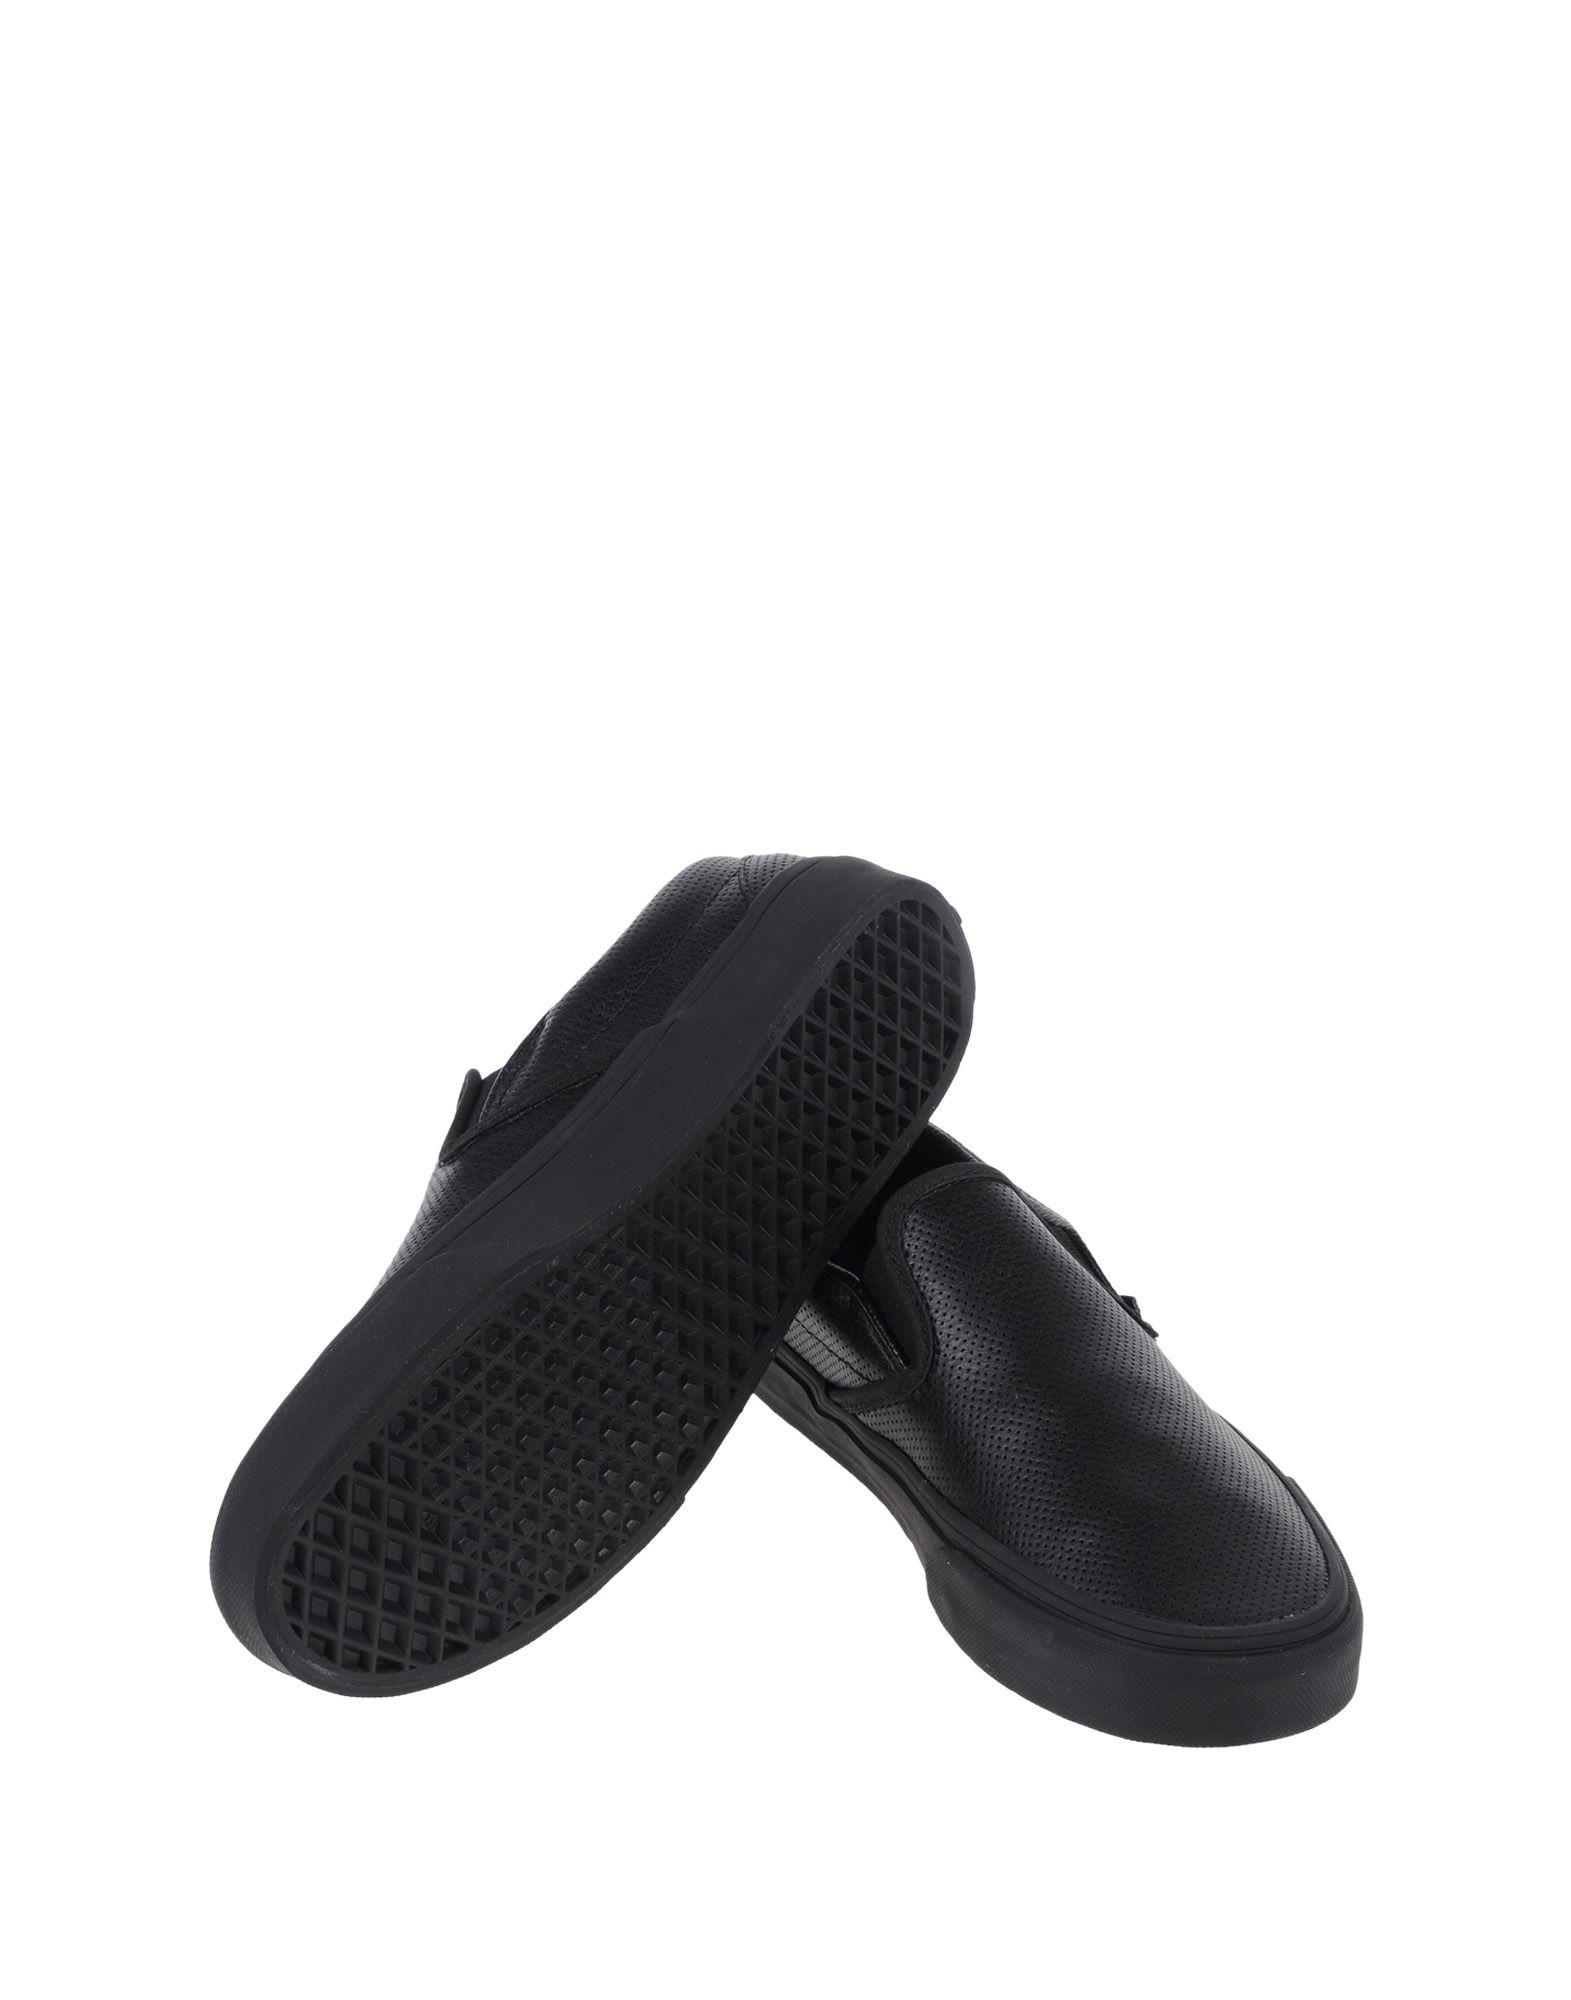 Vans U Classic Slip-On (Perf (Perf (Perf Leather)B - Sneakers - Women Vans Sneakers online on  United Kingdom - 44919025VQ f1b8a0